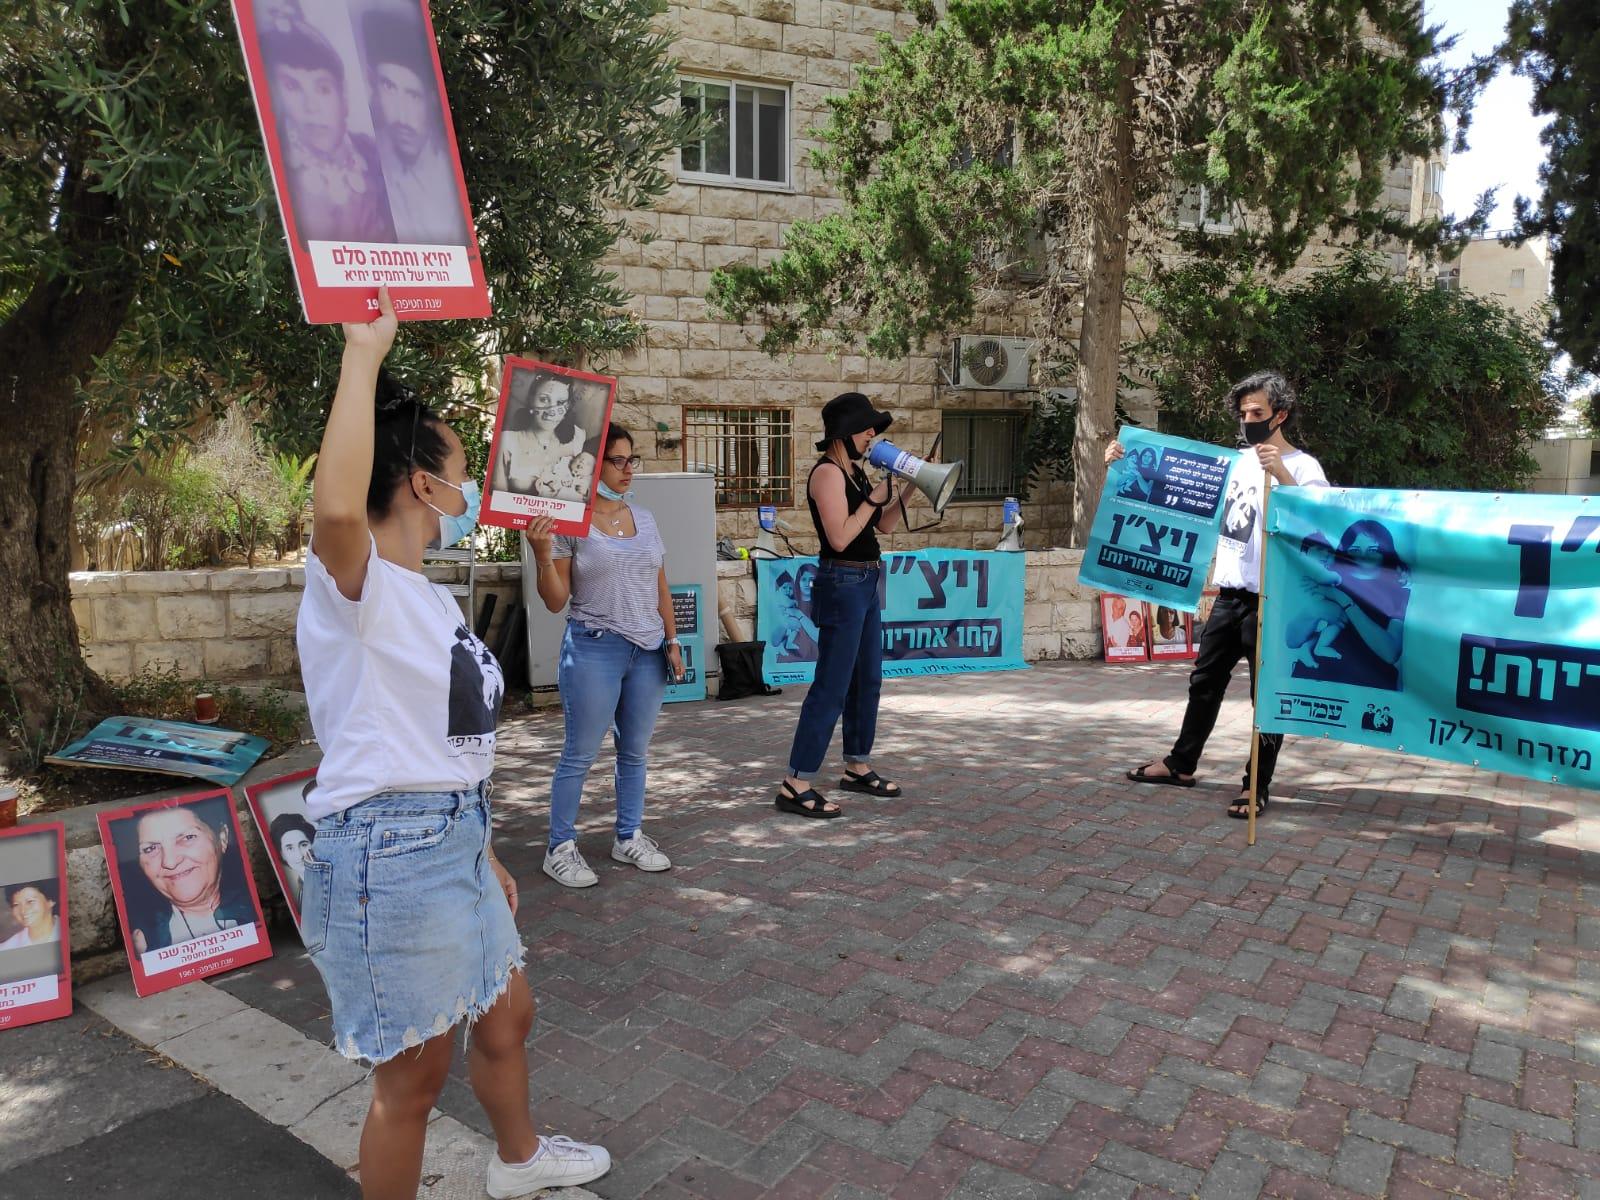 מחאה מול סניף ויצו לציון יום המודעות השנתי לחטיפת ילדי תימן, המזרח והבלקן, ב-21 ביוני 2020 (צילום:אורן זיו)